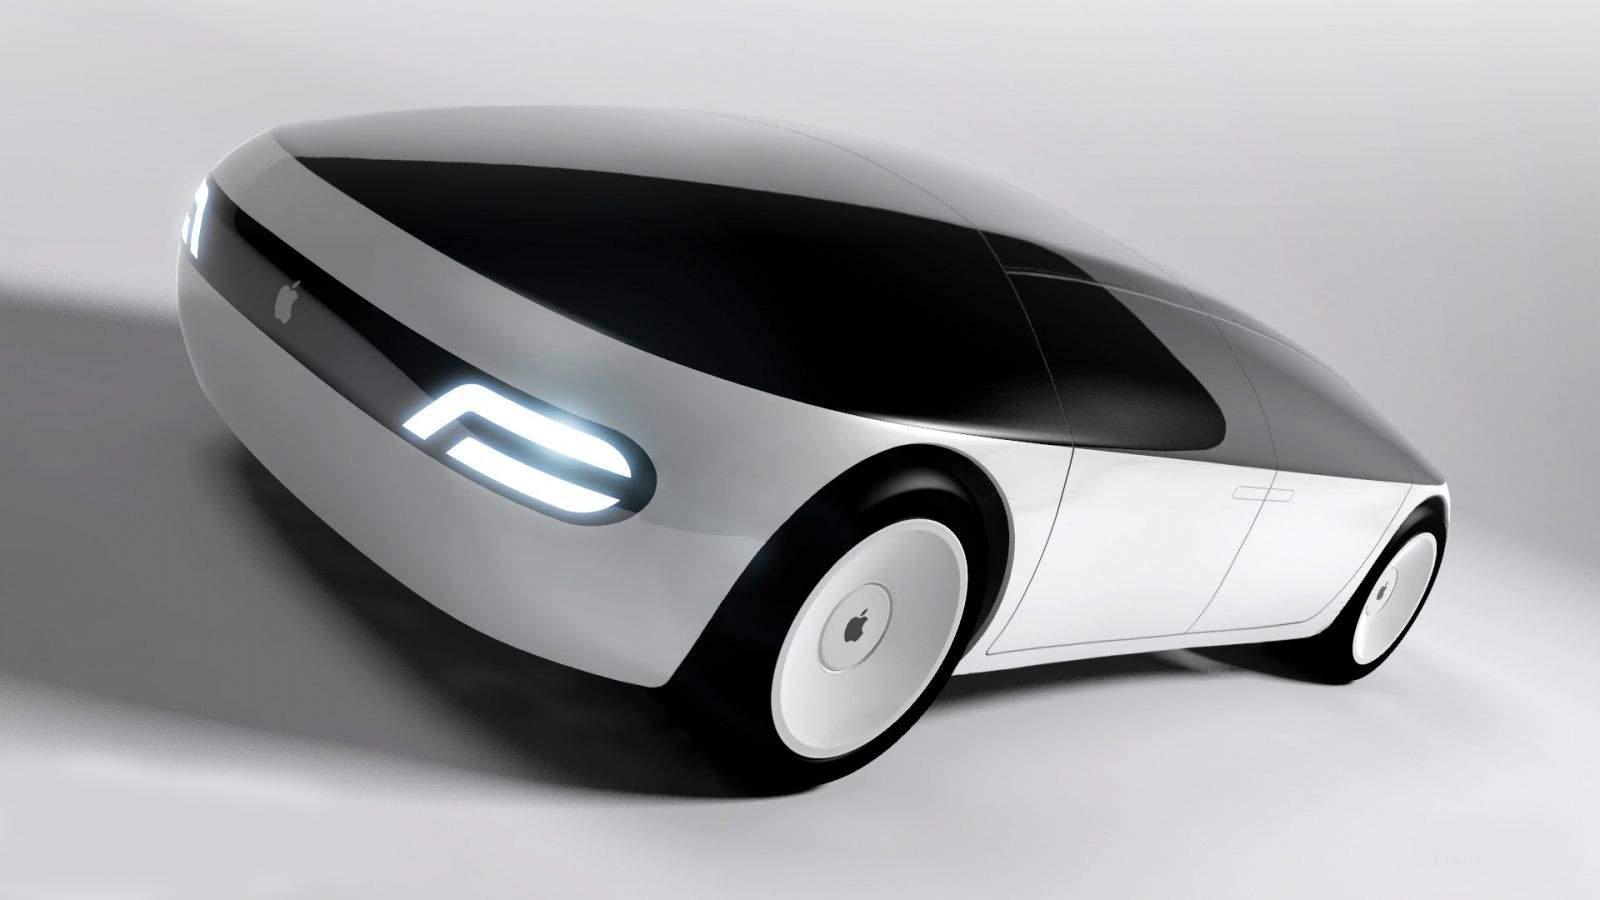 L'Apple Car è ad un passo dal diventare realtà, l'accordo con Hyundai è vicino